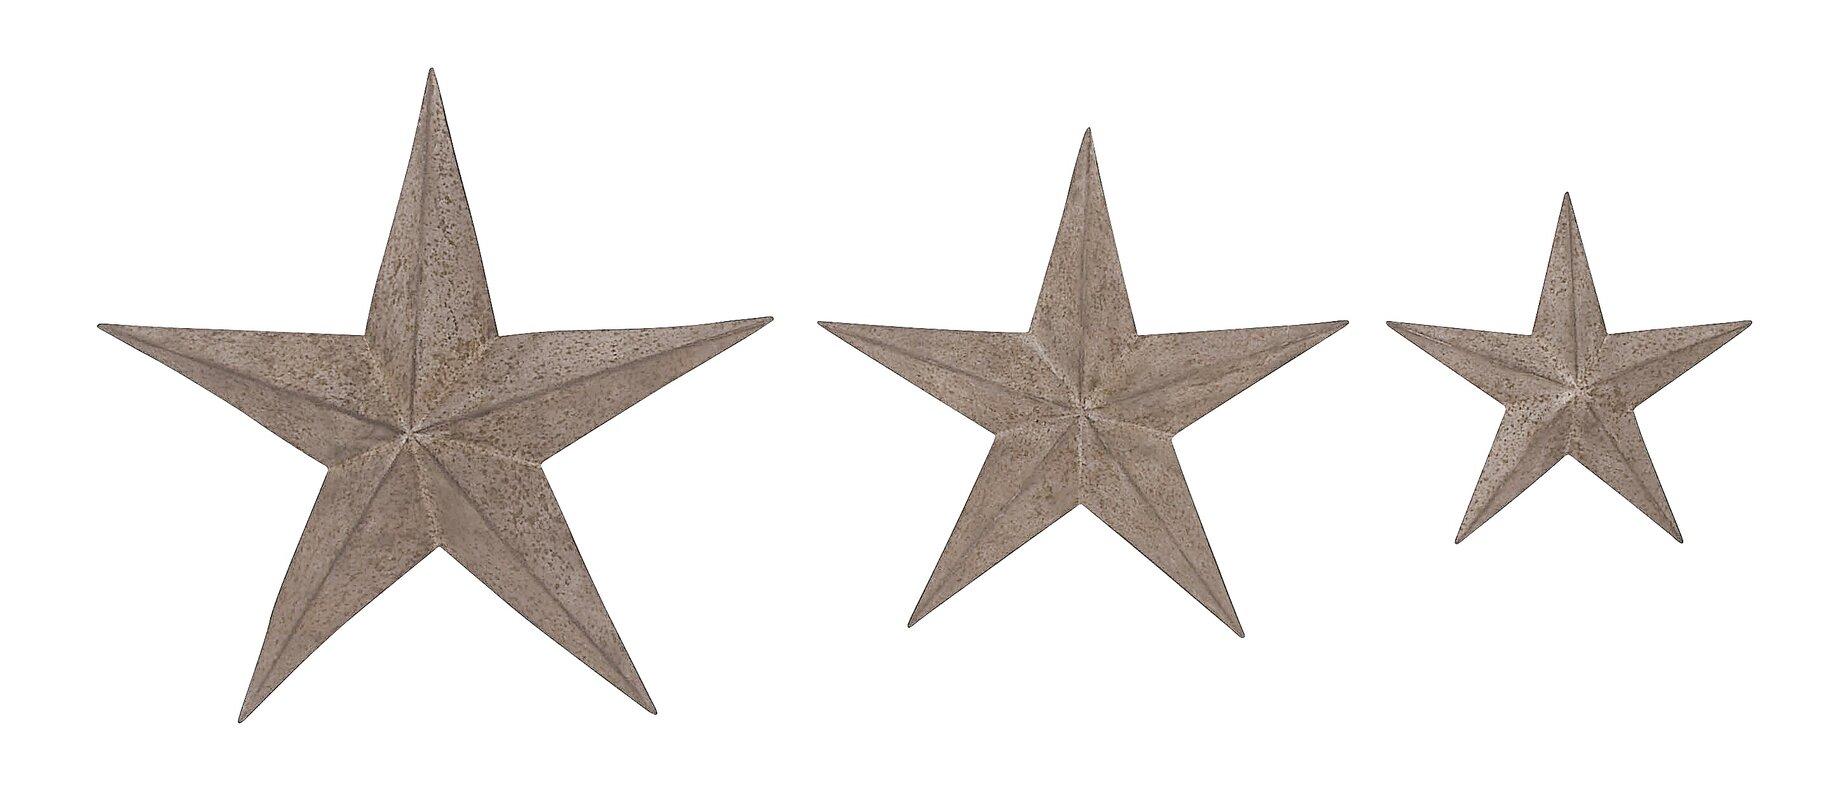 Star Wall Decor Beachcrest Home 3 Piece Stars Wall Décor Set & Reviews  Wayfair